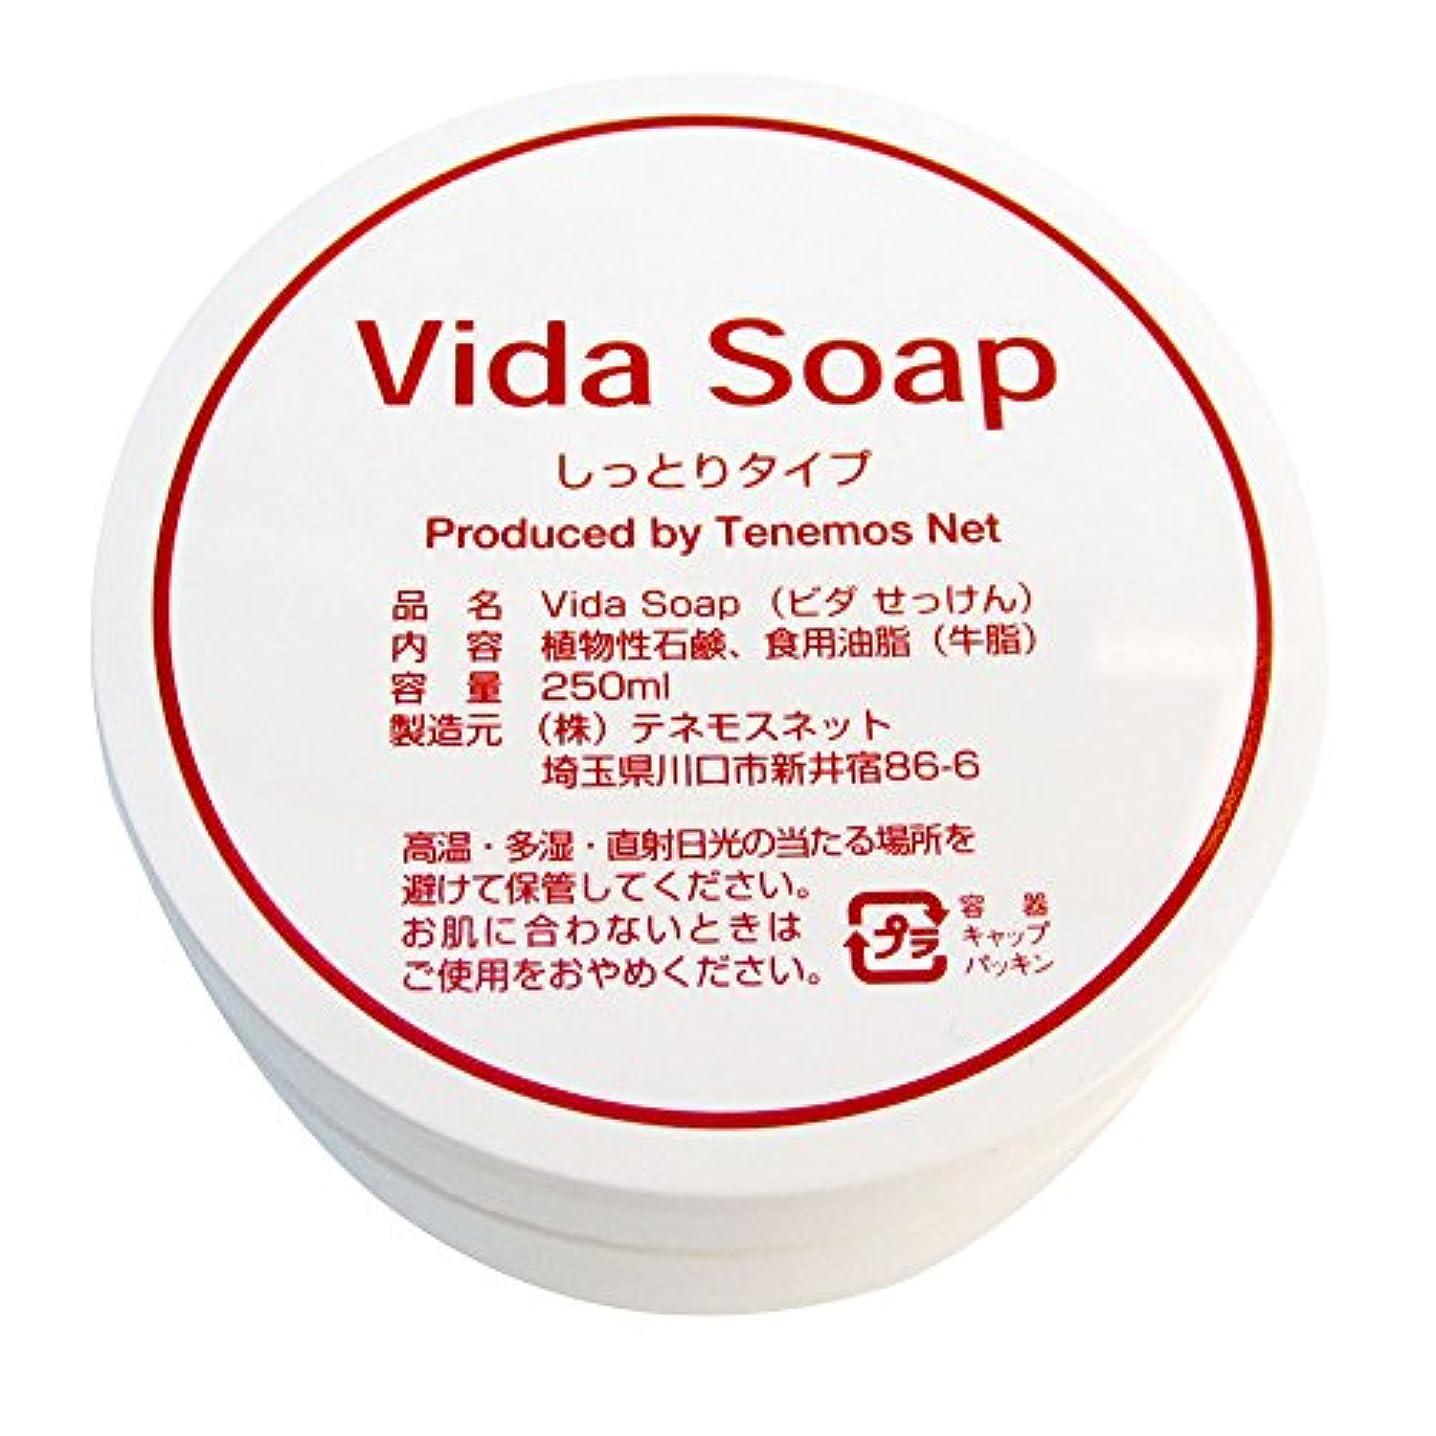 勇気のあるロマンチックキャンベラテネモス ビダせっけん Vida Soap しっとりノーマル 動物性 250ml